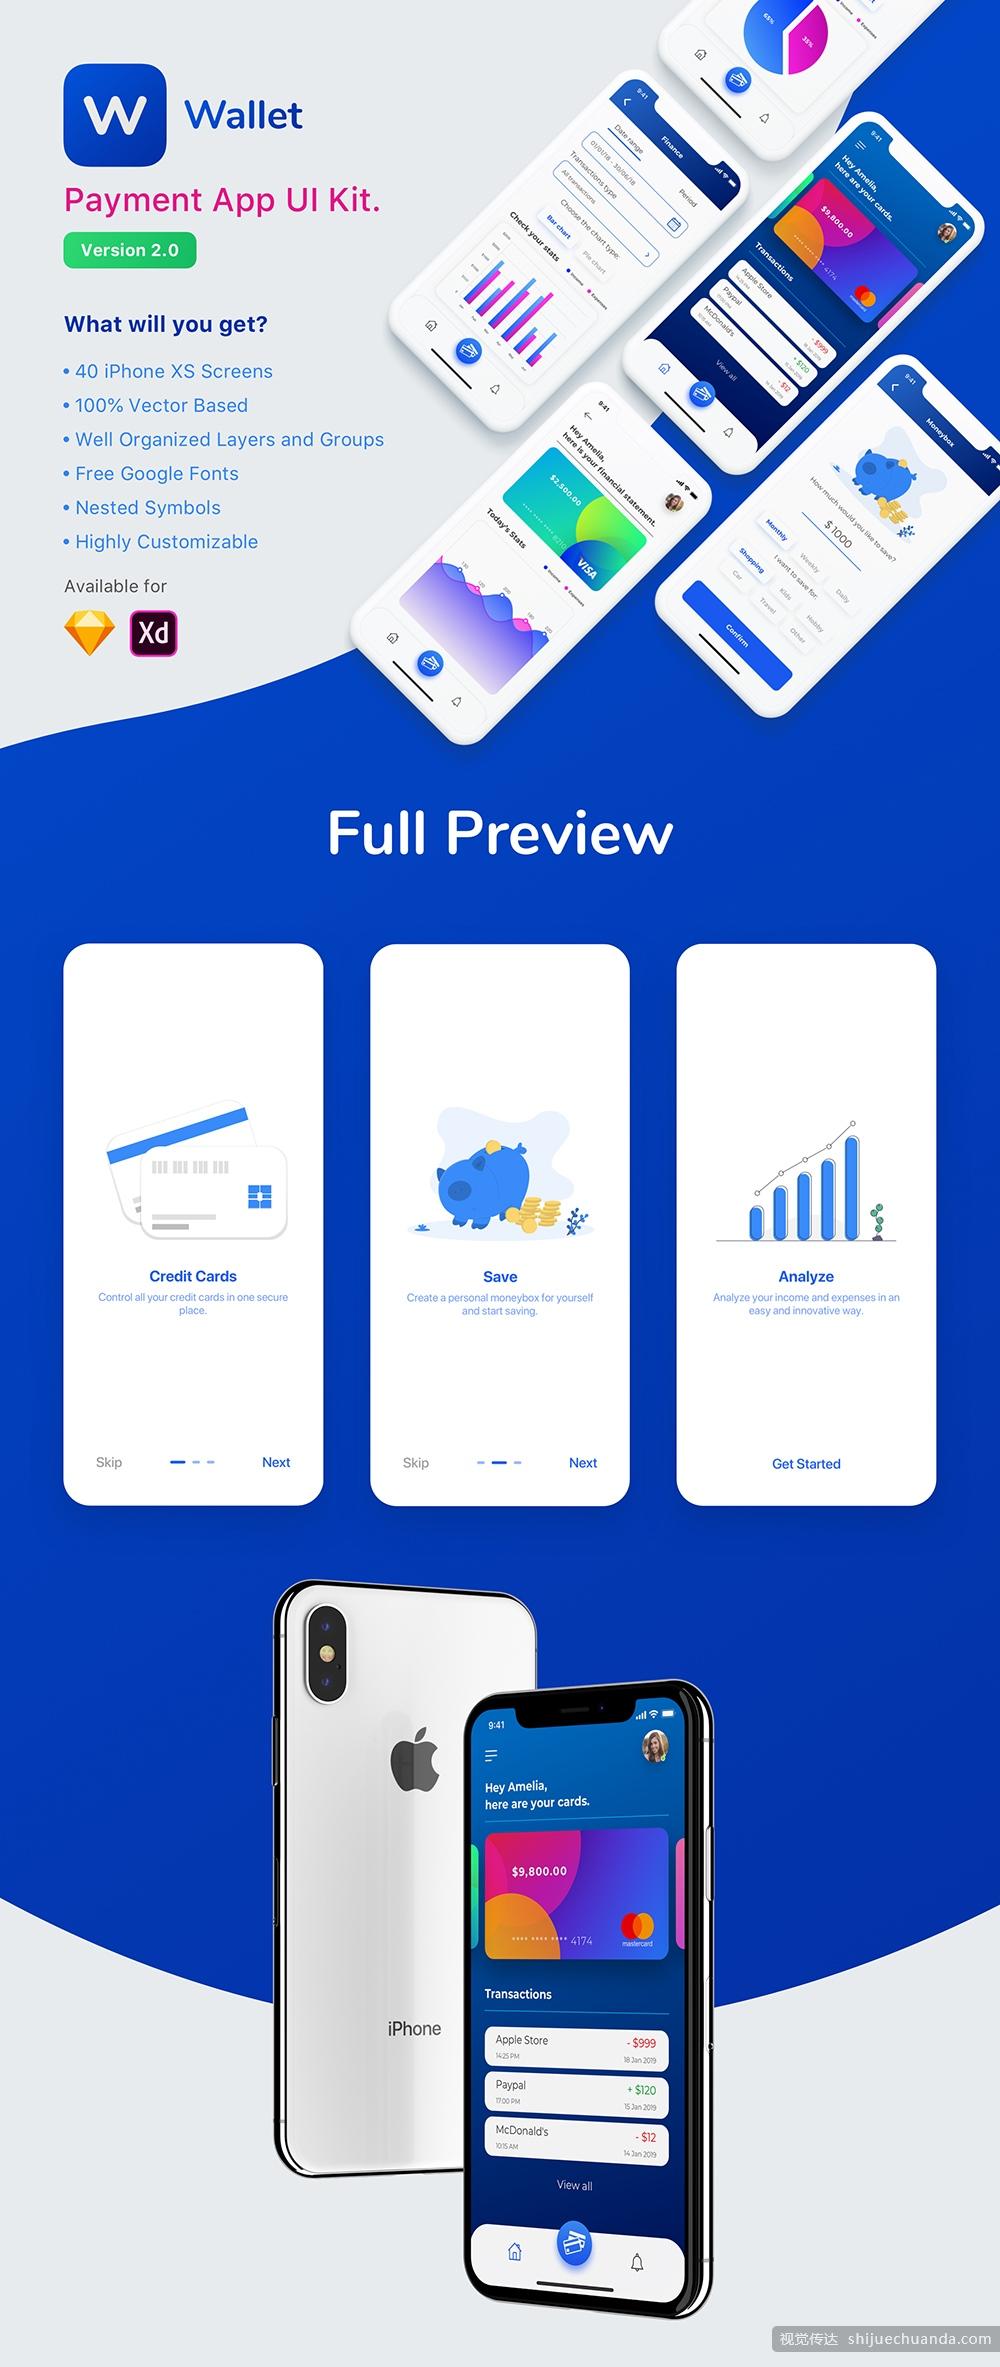 现代全面支付钱包应用UI界面设计工具包 Payment App UI Kit插图